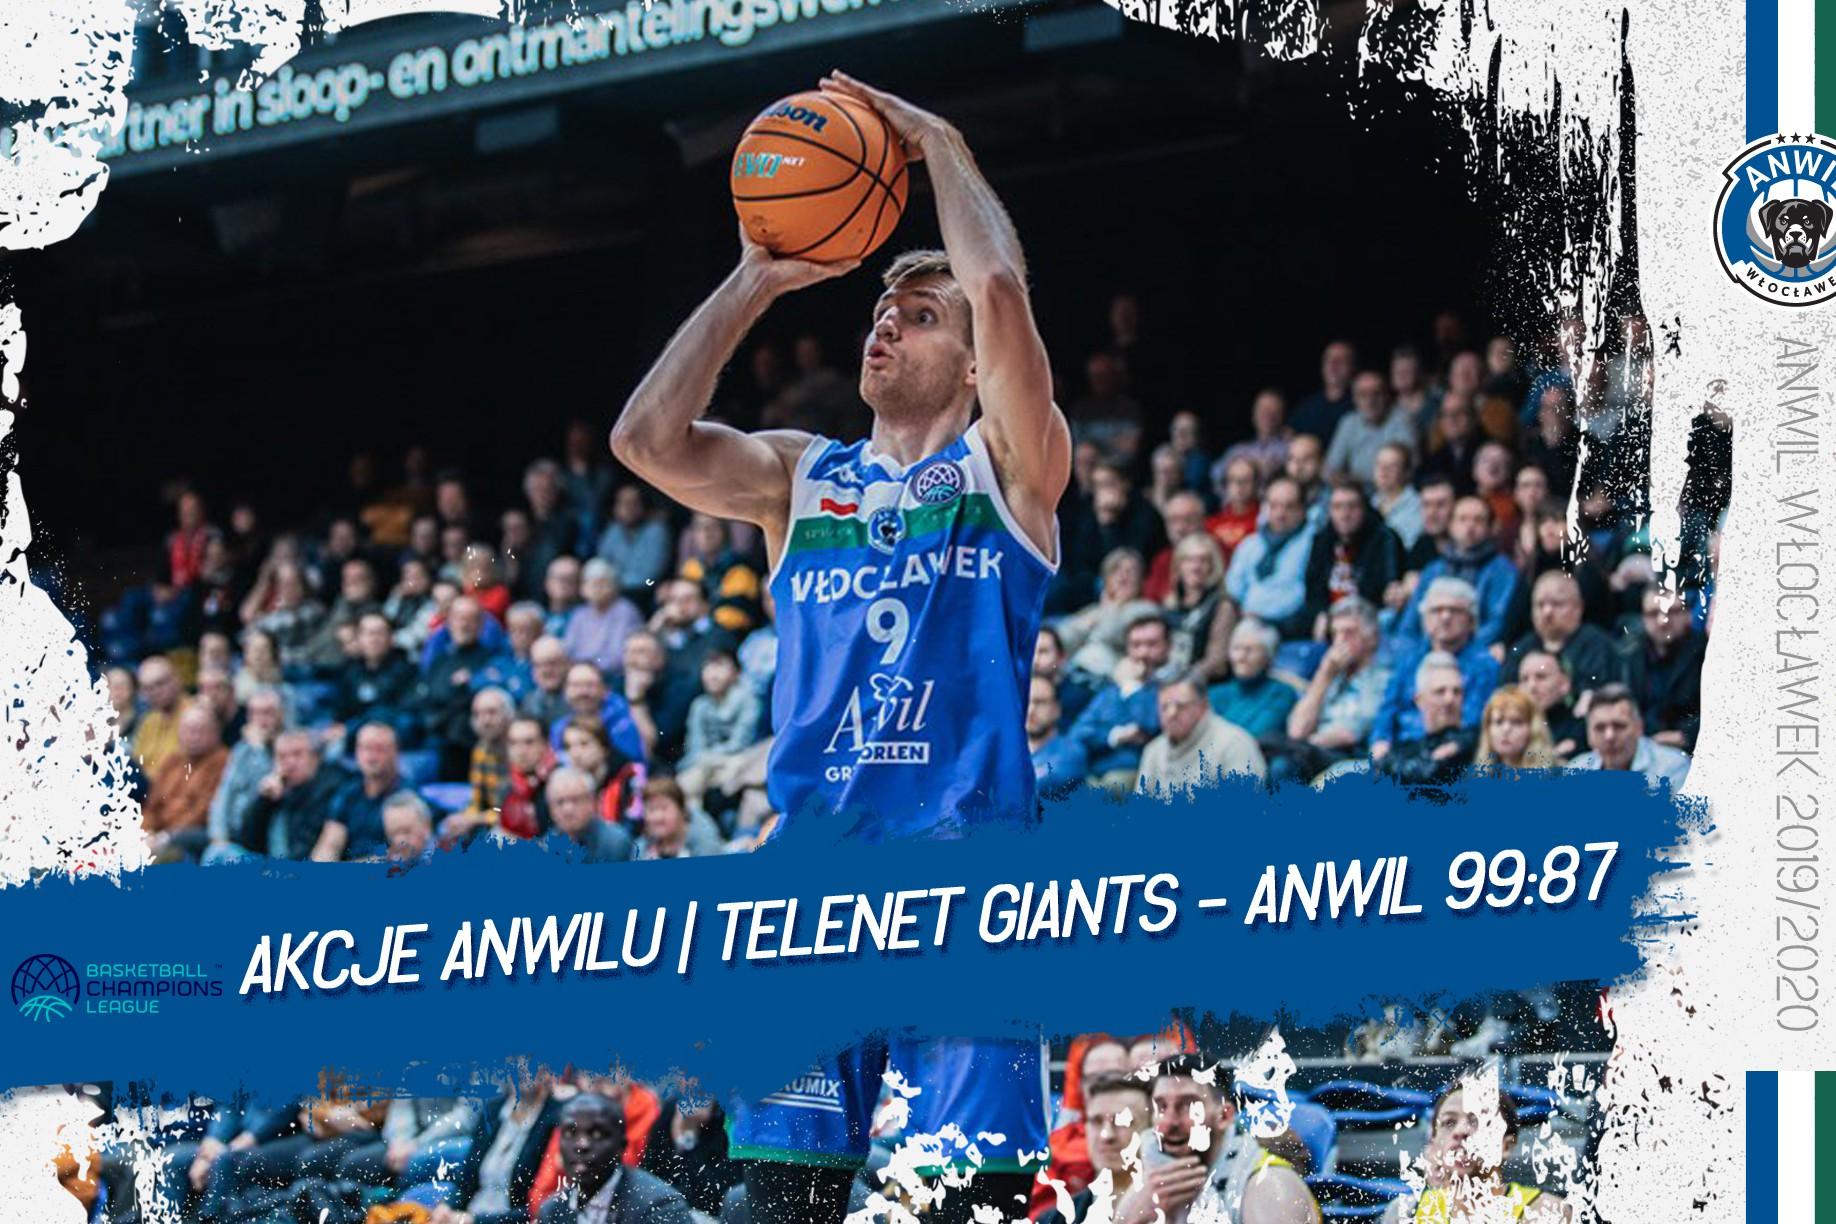 Wideo | Akcje Anwilu | Telenet Giants Antwerpia - Anwil Włocławek 99:87